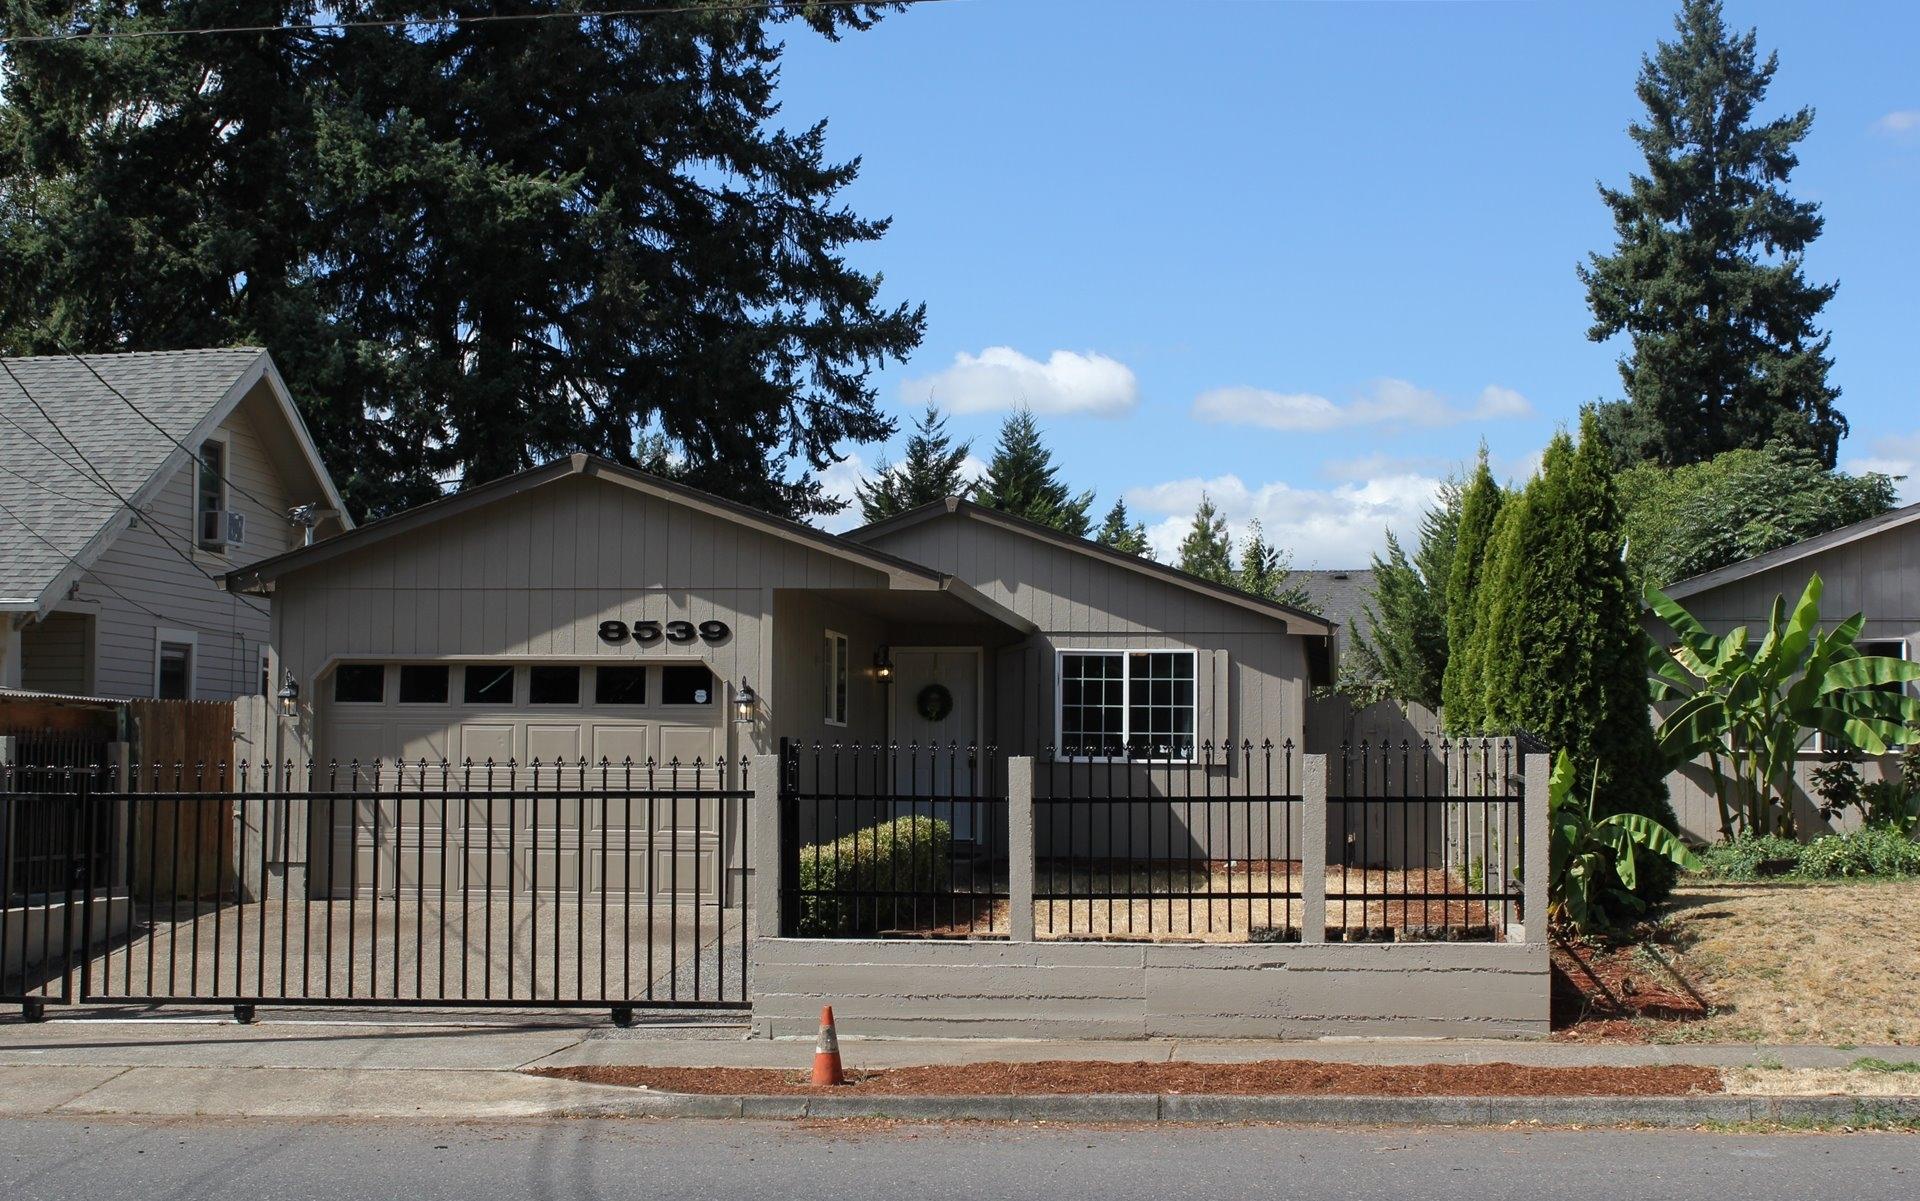 8539 SE 72nd Ave // $285,000